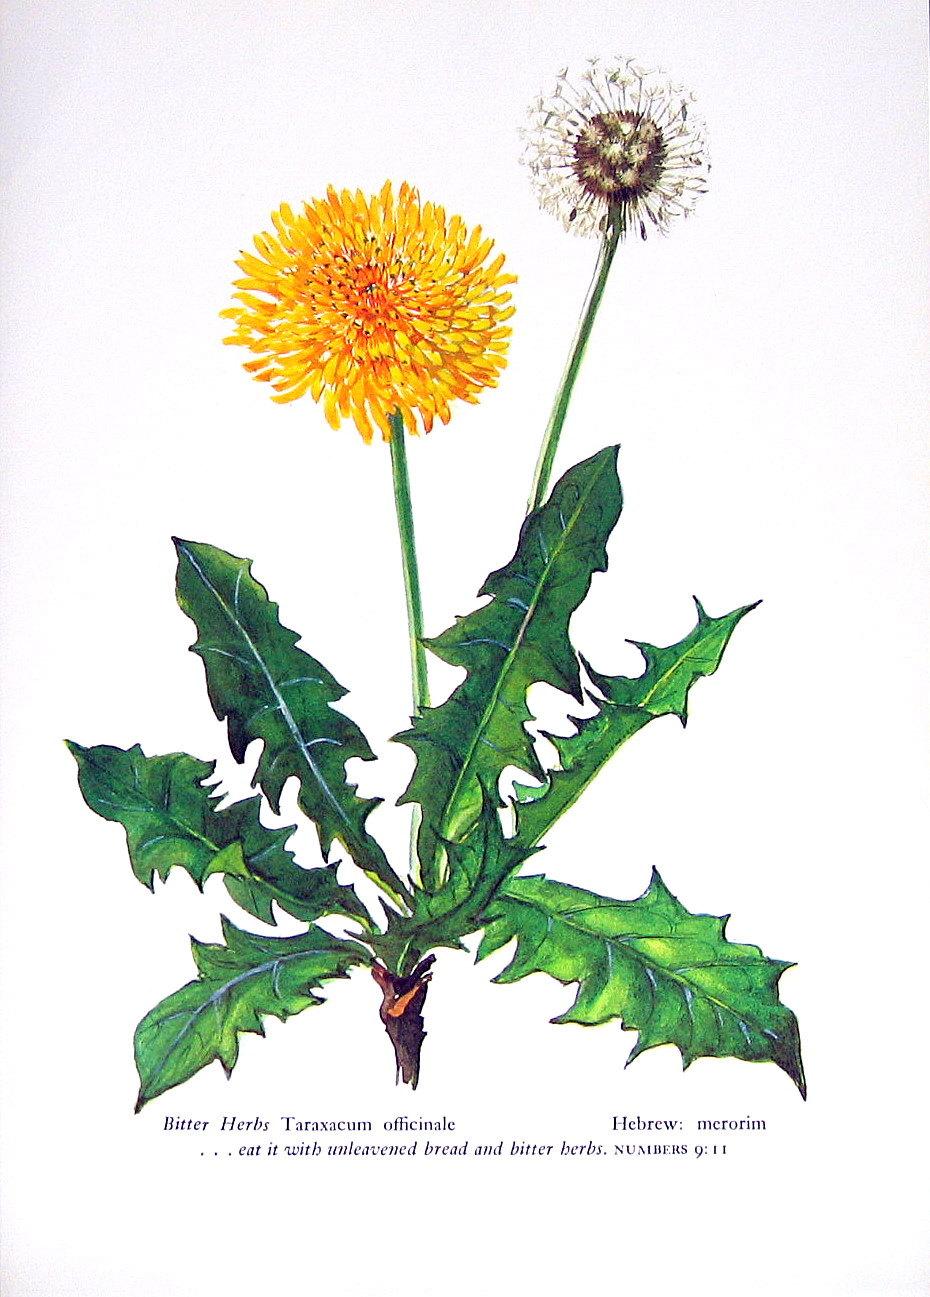 Vintage Dandelion Botanical Illustrations